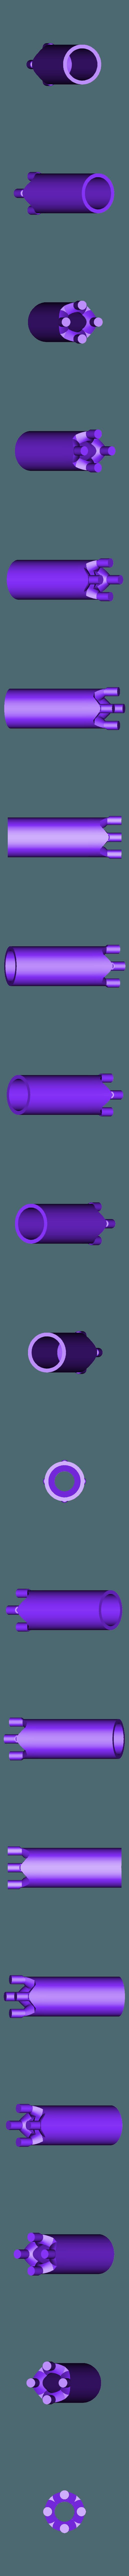 wine1,1.stl Télécharger fichier STL gratuit Valve pour tuyau de remplissage de bière et de vin • Design imprimable en 3D, mehmet-ylmz